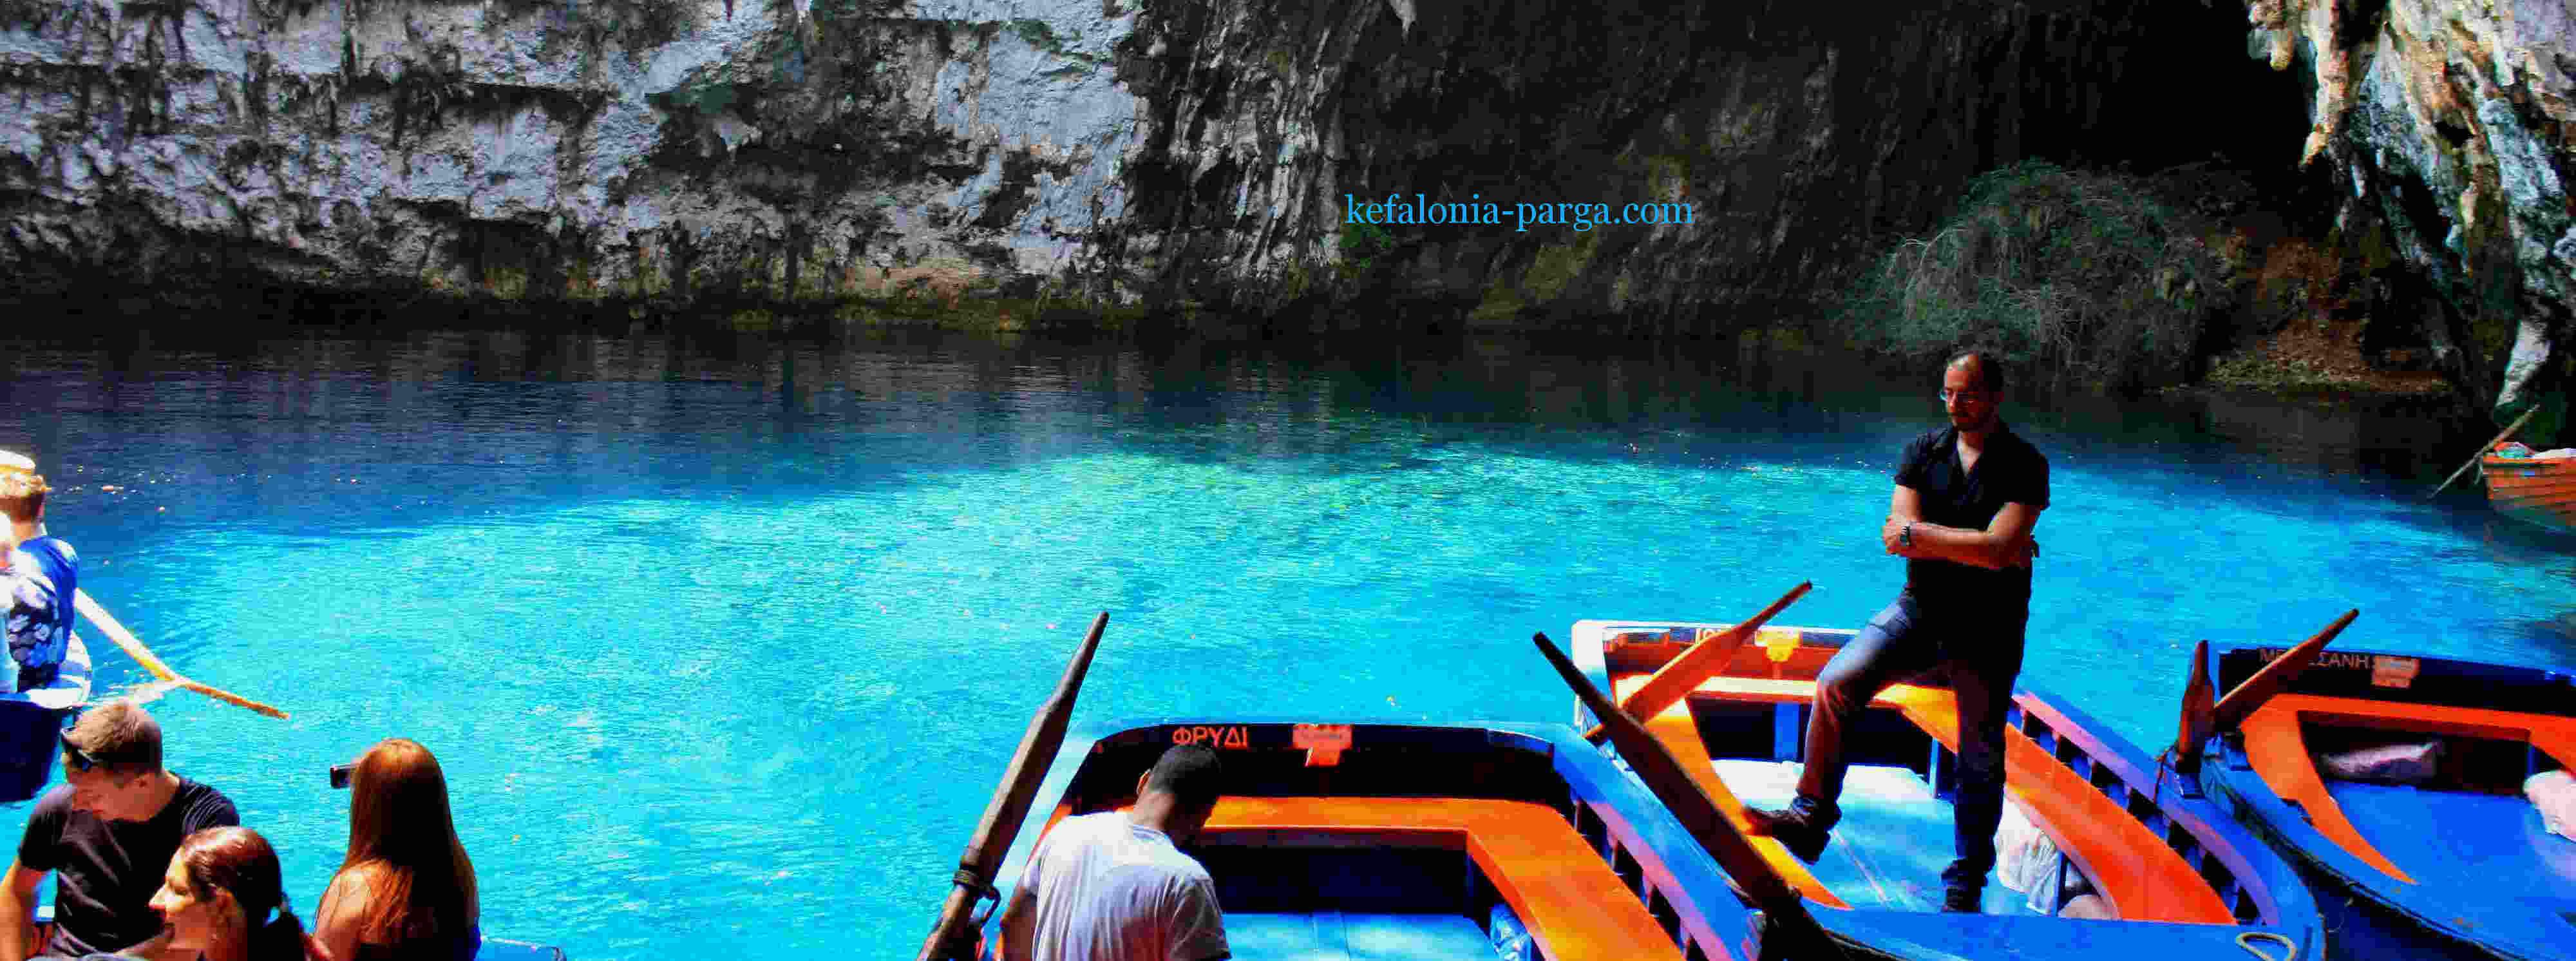 Достопримечательности Кефалонии: озеро Мелиссани. Греция отдых.